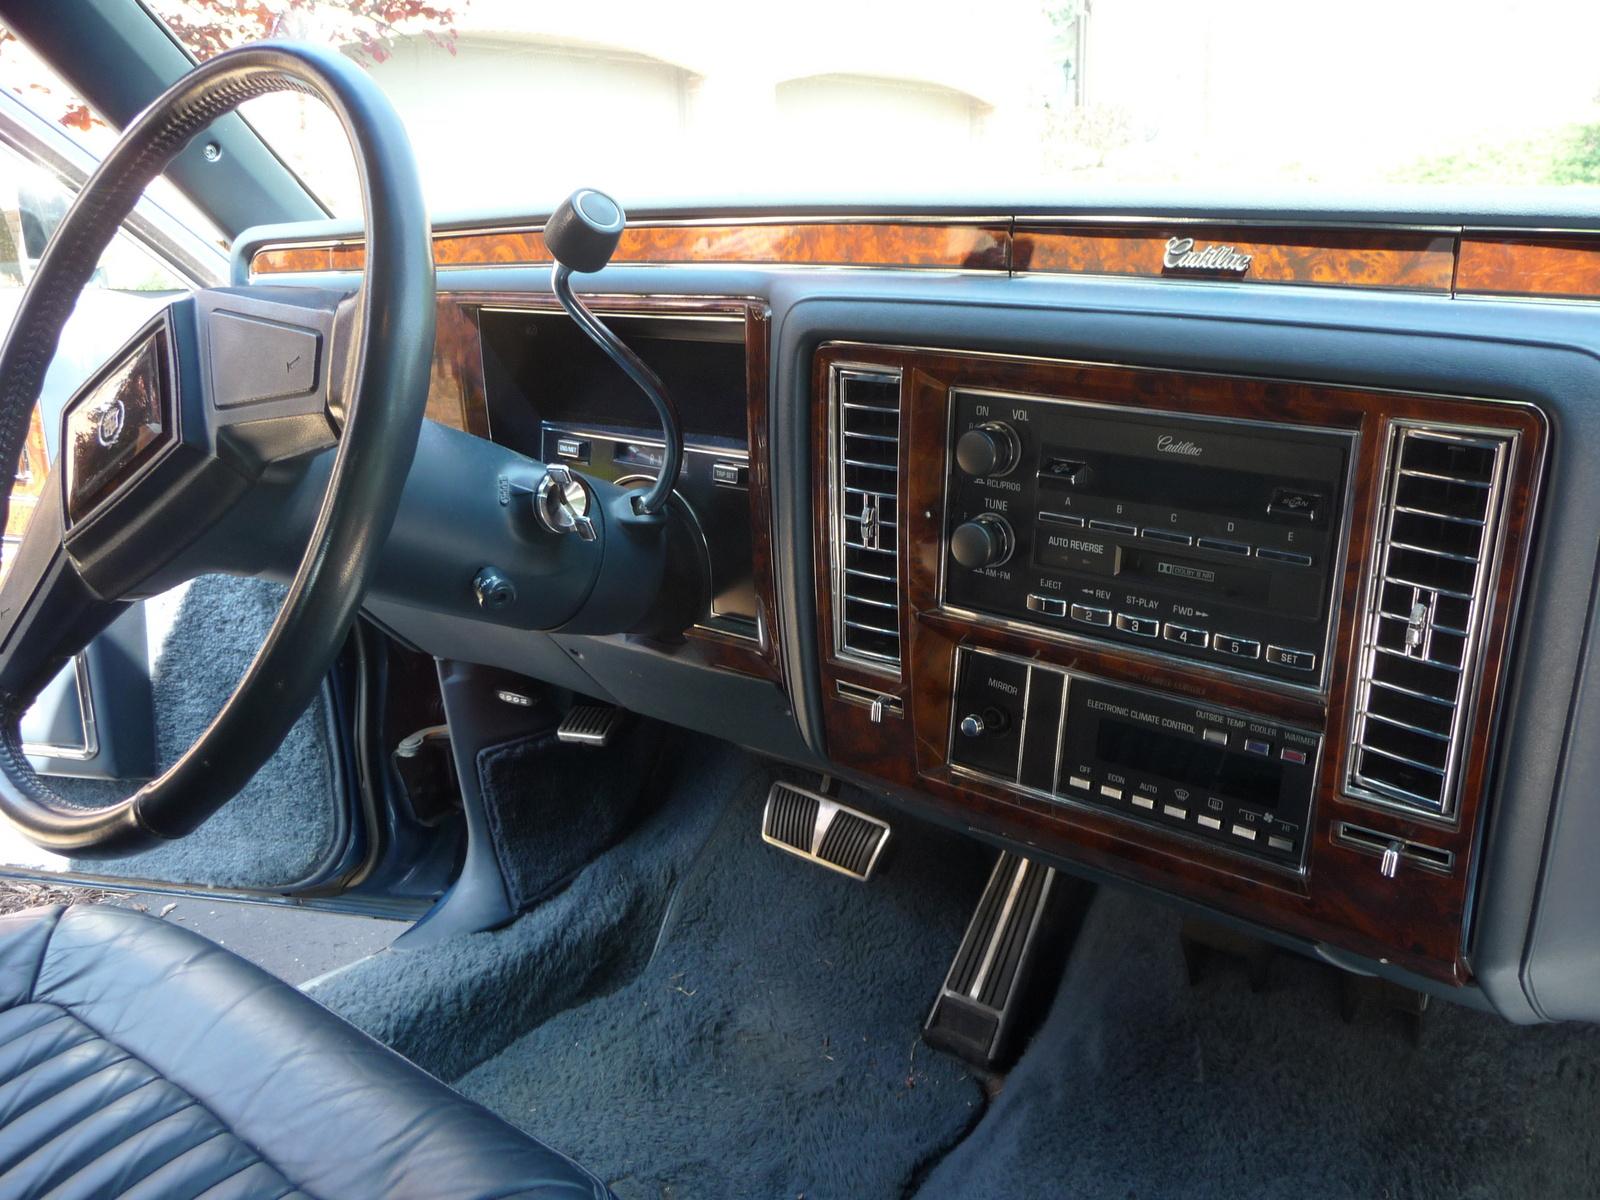 1990 Cadillac Brougham Interior Pictures Cargurus